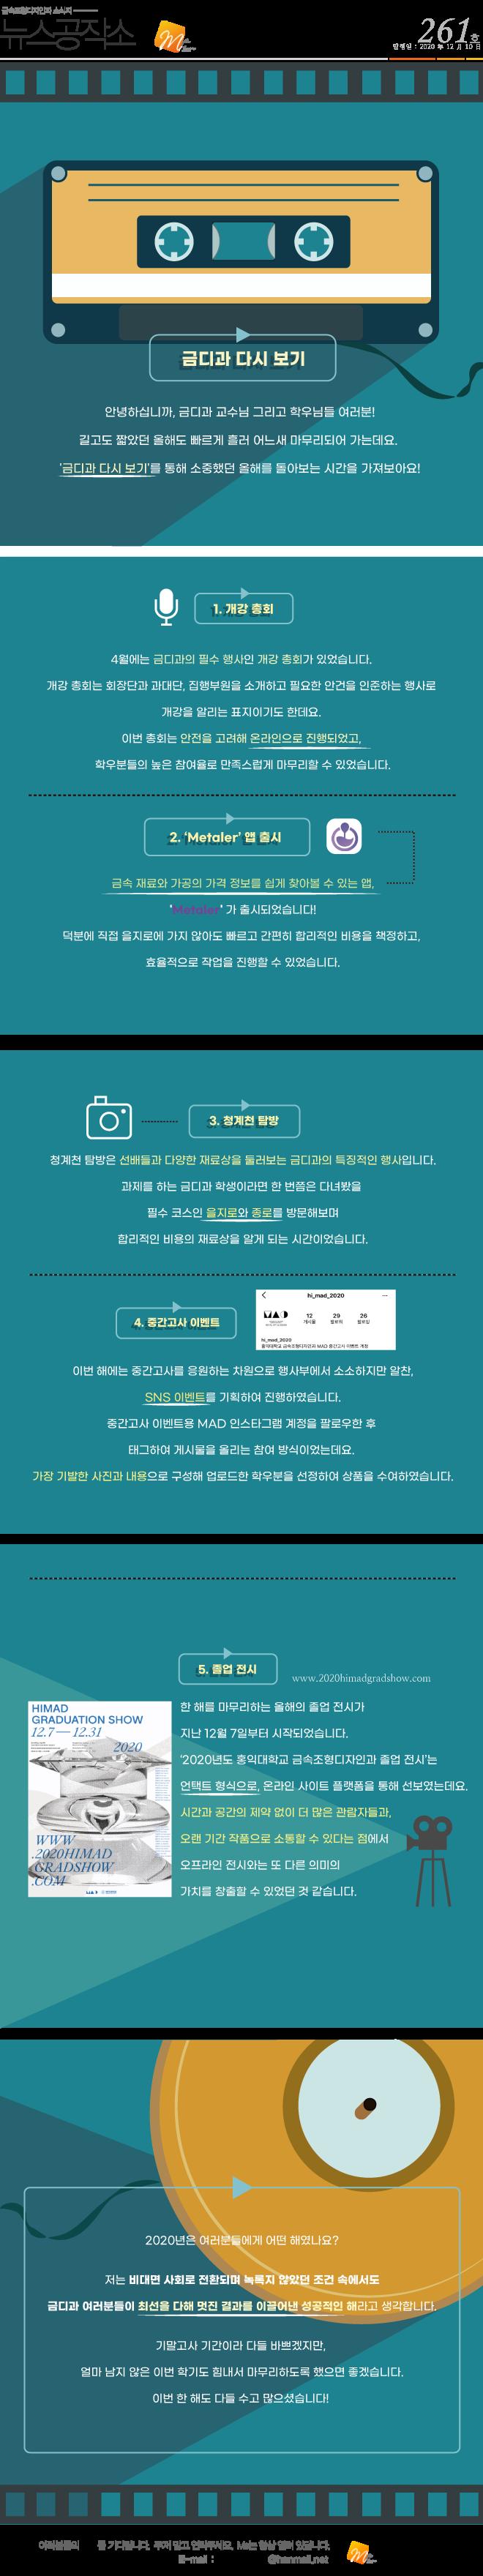 뉴공-261호-편집-수정.png